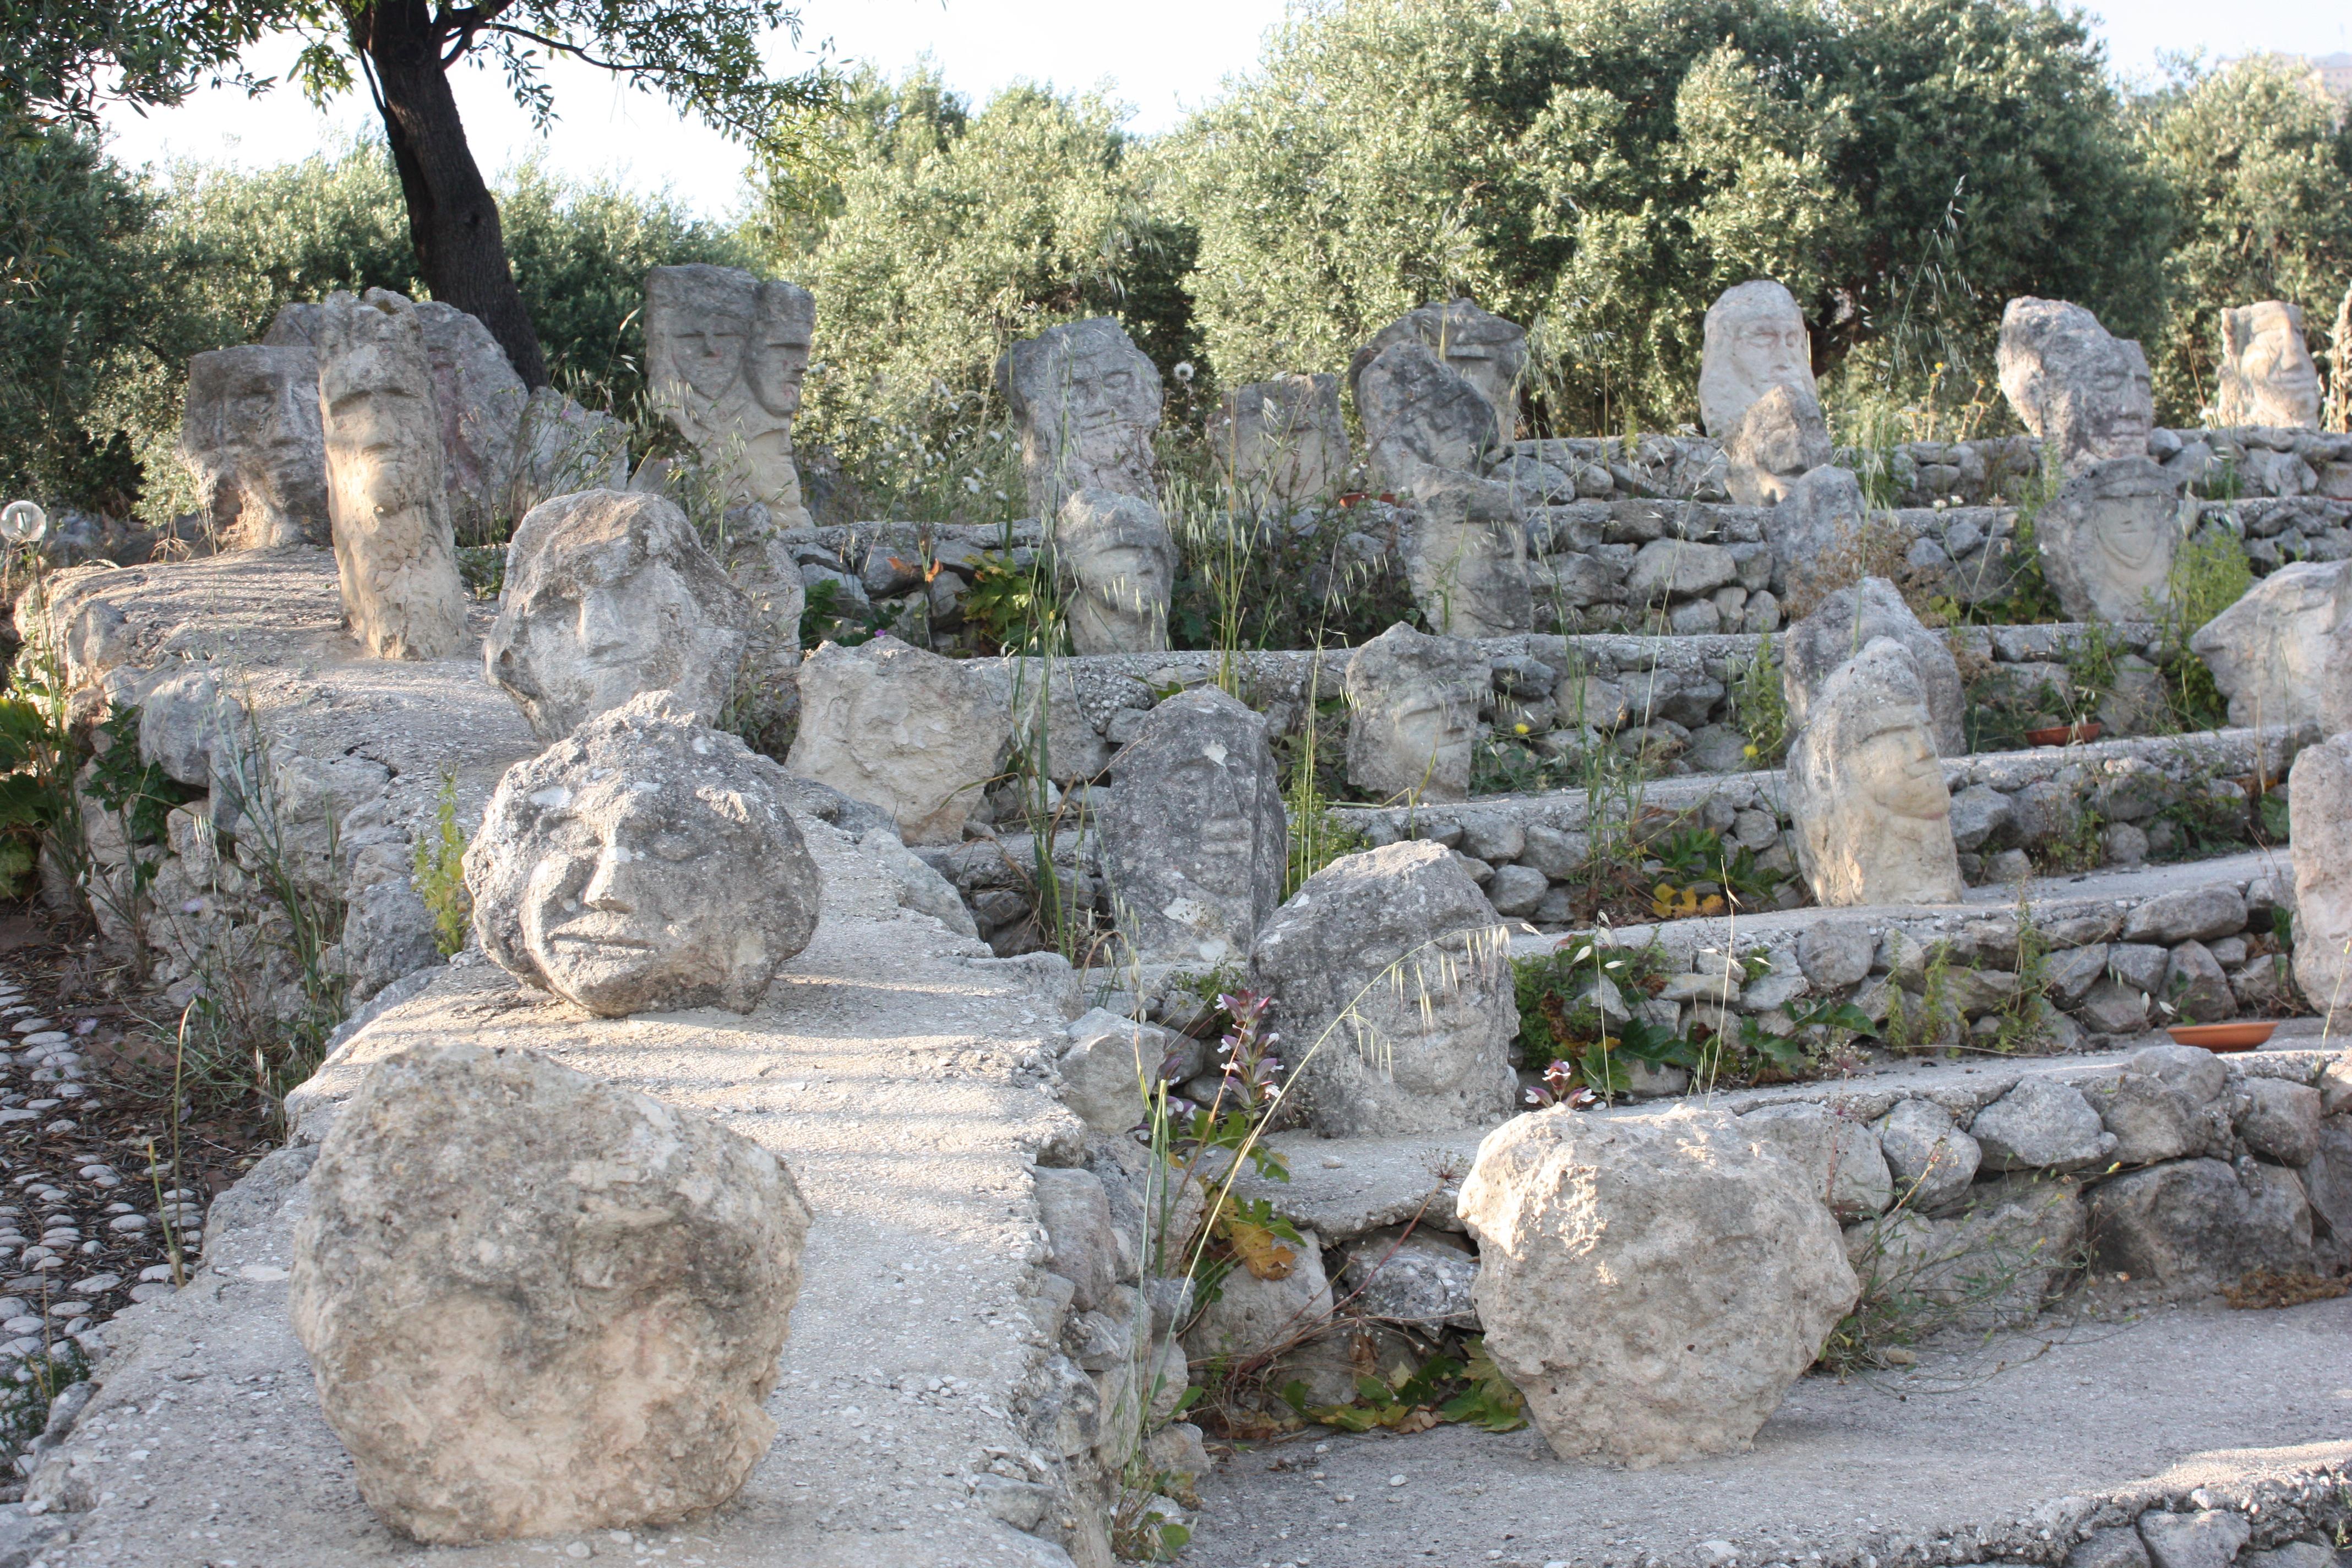 Castello Incantato estão em exposição centenas de cabeças esculpidas em pedra espalhadas no campo.